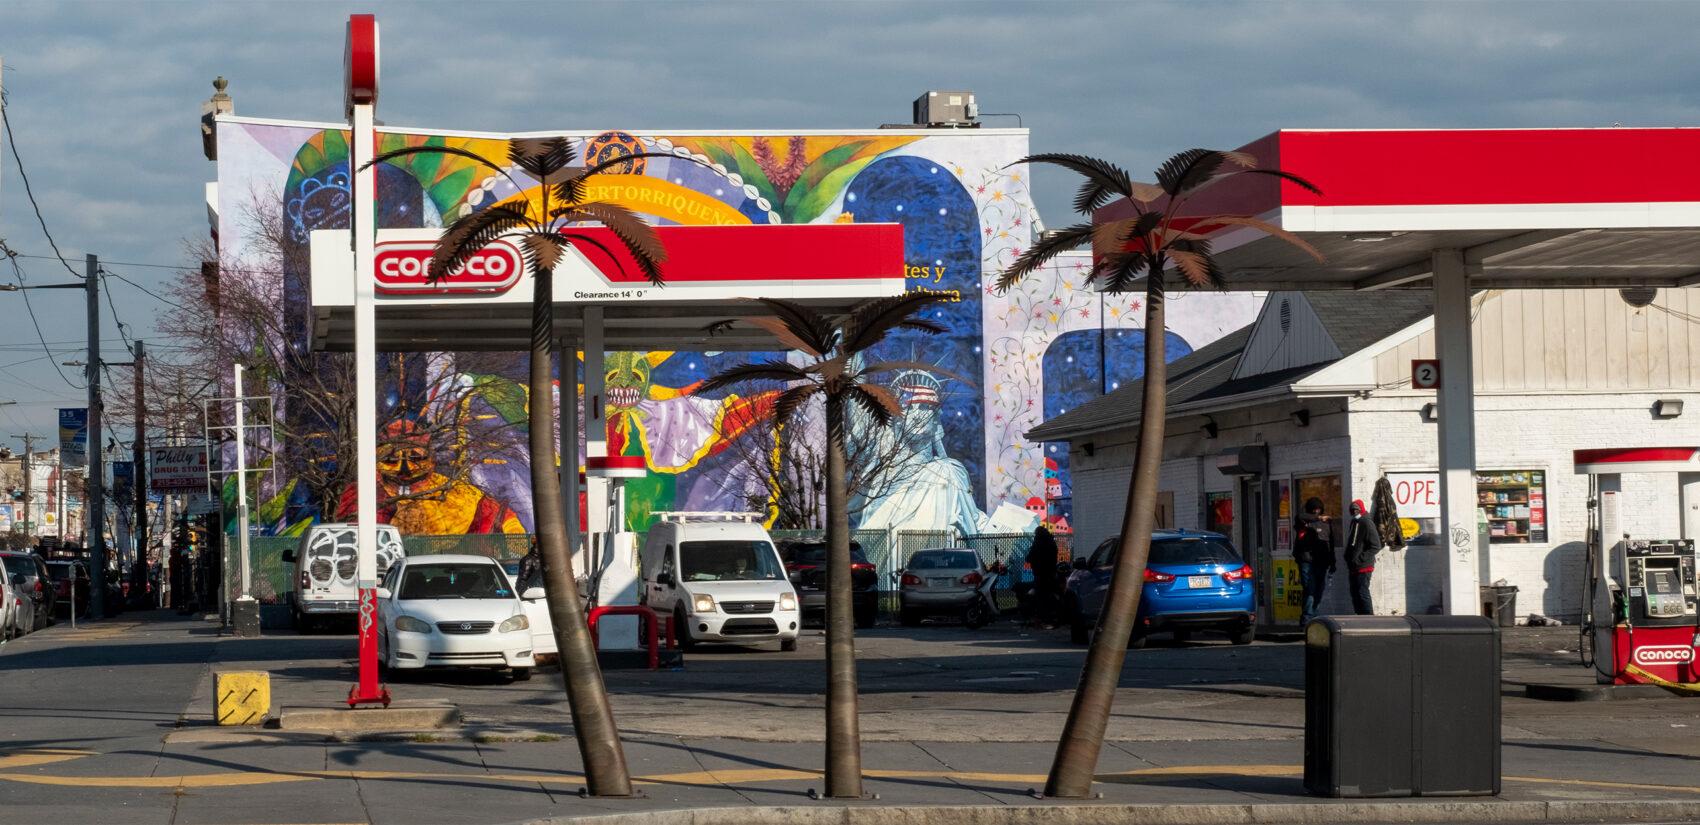 Taller Puertoriqueño sits on 5th street, right across the street from a 47 bus stop. | Taller Puertoriqueño se encuentra en la calle 5, enfrente de la parada de el 47. (Photo by Eugenio Salas for WHYY)